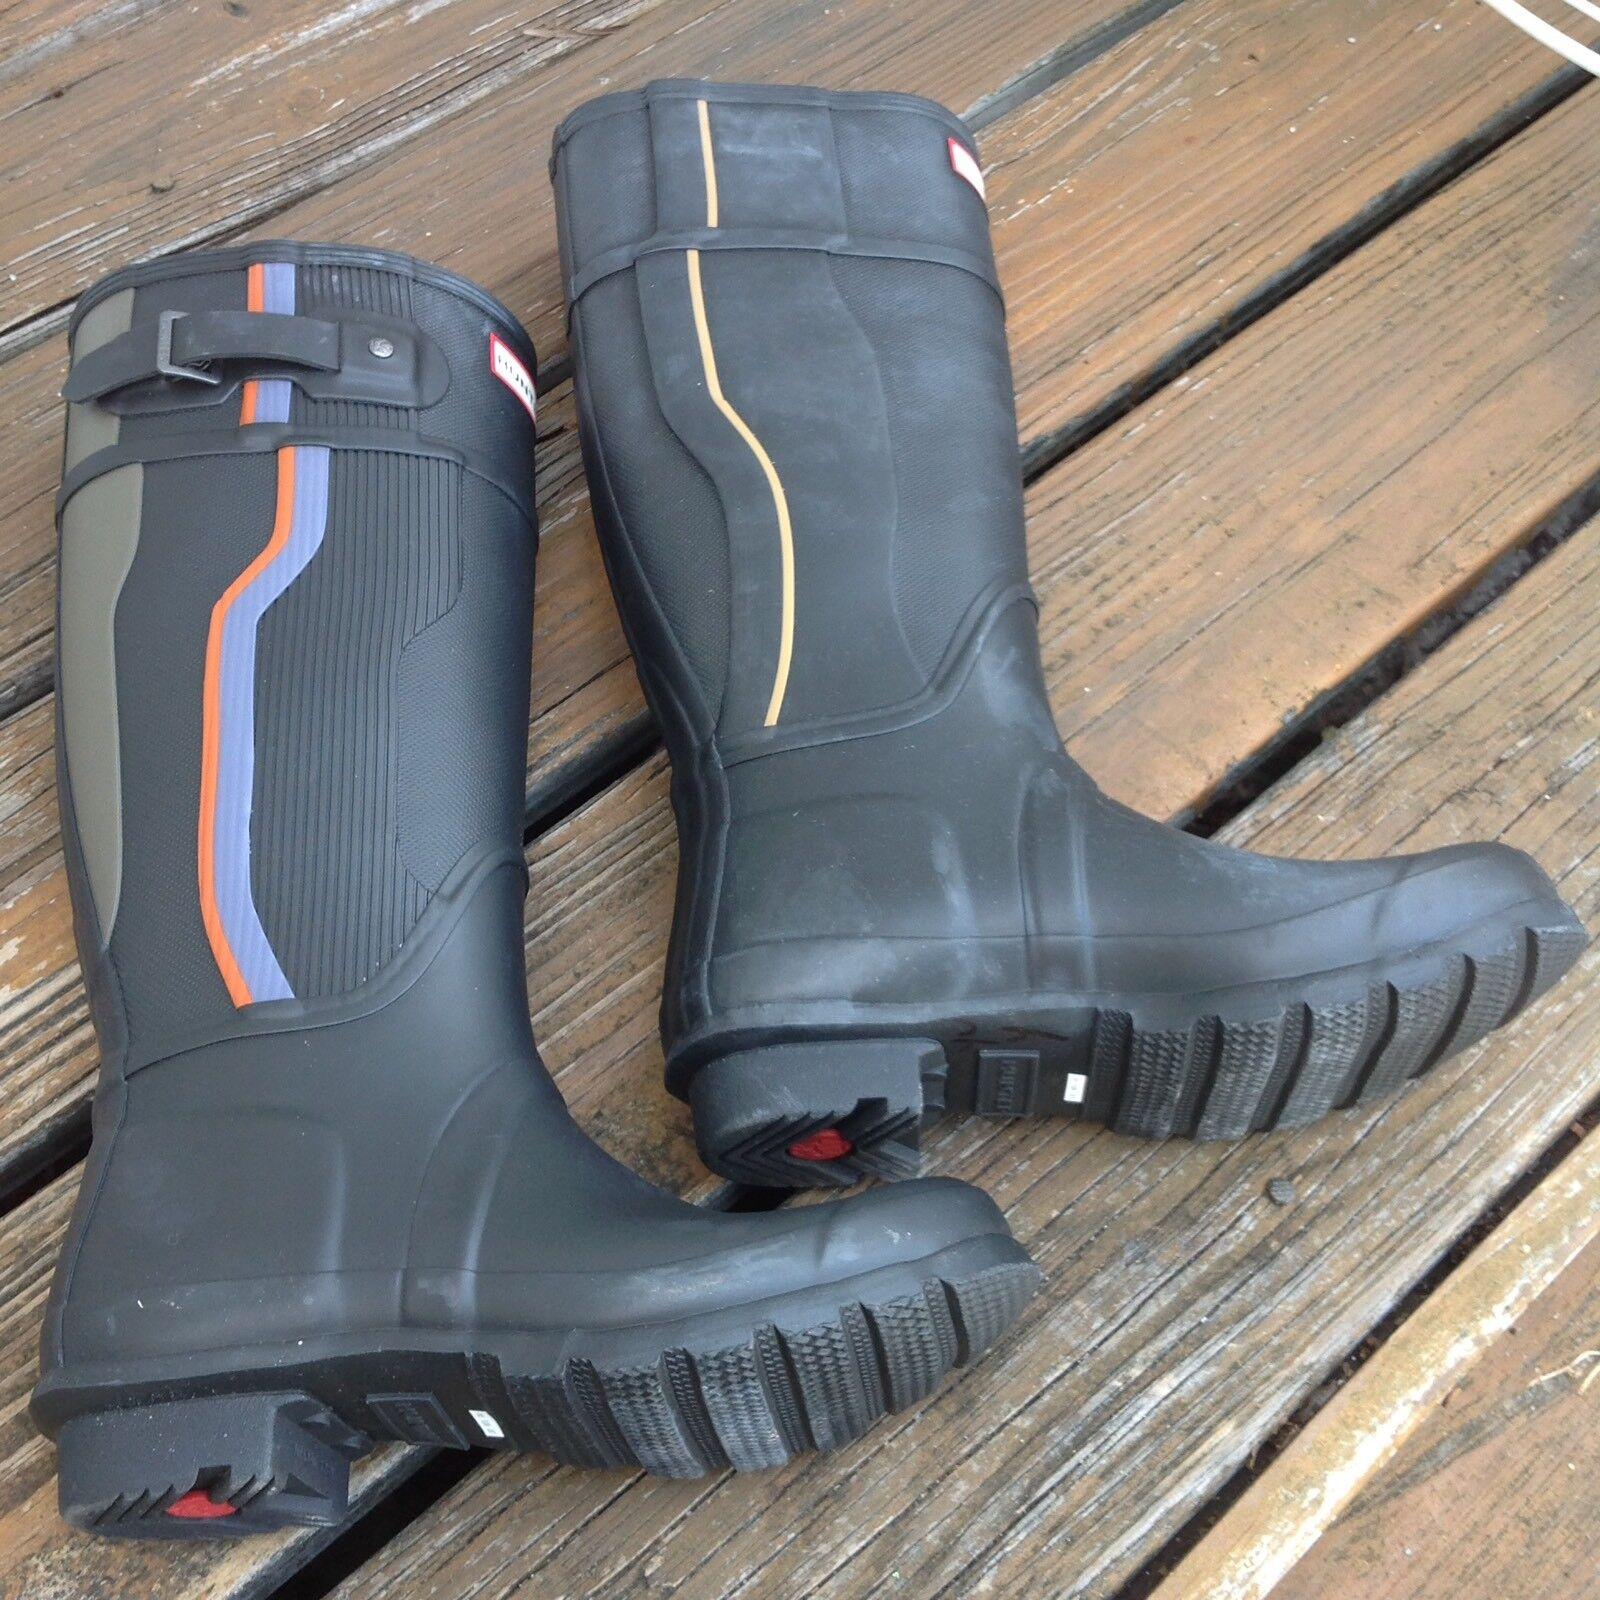 migliore vendita Hunter nero Stripe Wellies Tall Rain avvio Galoshes US W7 W7 W7 M6 UK5 EU38 scarpe RARE  fornire un prodotto di qualità